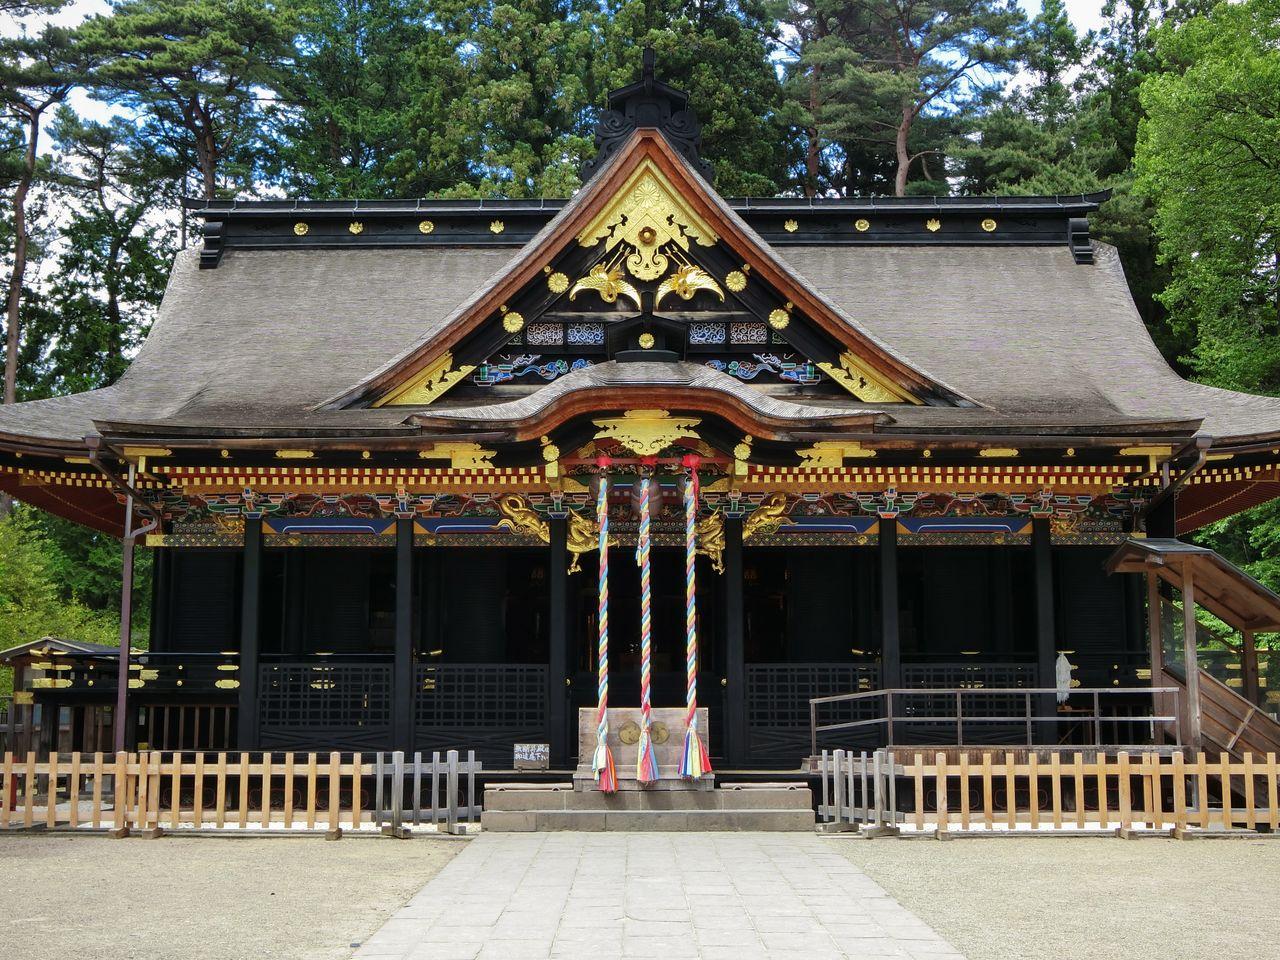 Bangunan kuil adalah contoh arsitektur gongen tertua di Jepang. (Atas izin dari Pariwisata Sendai, Konvensi, dan Asosiasi Internasional)